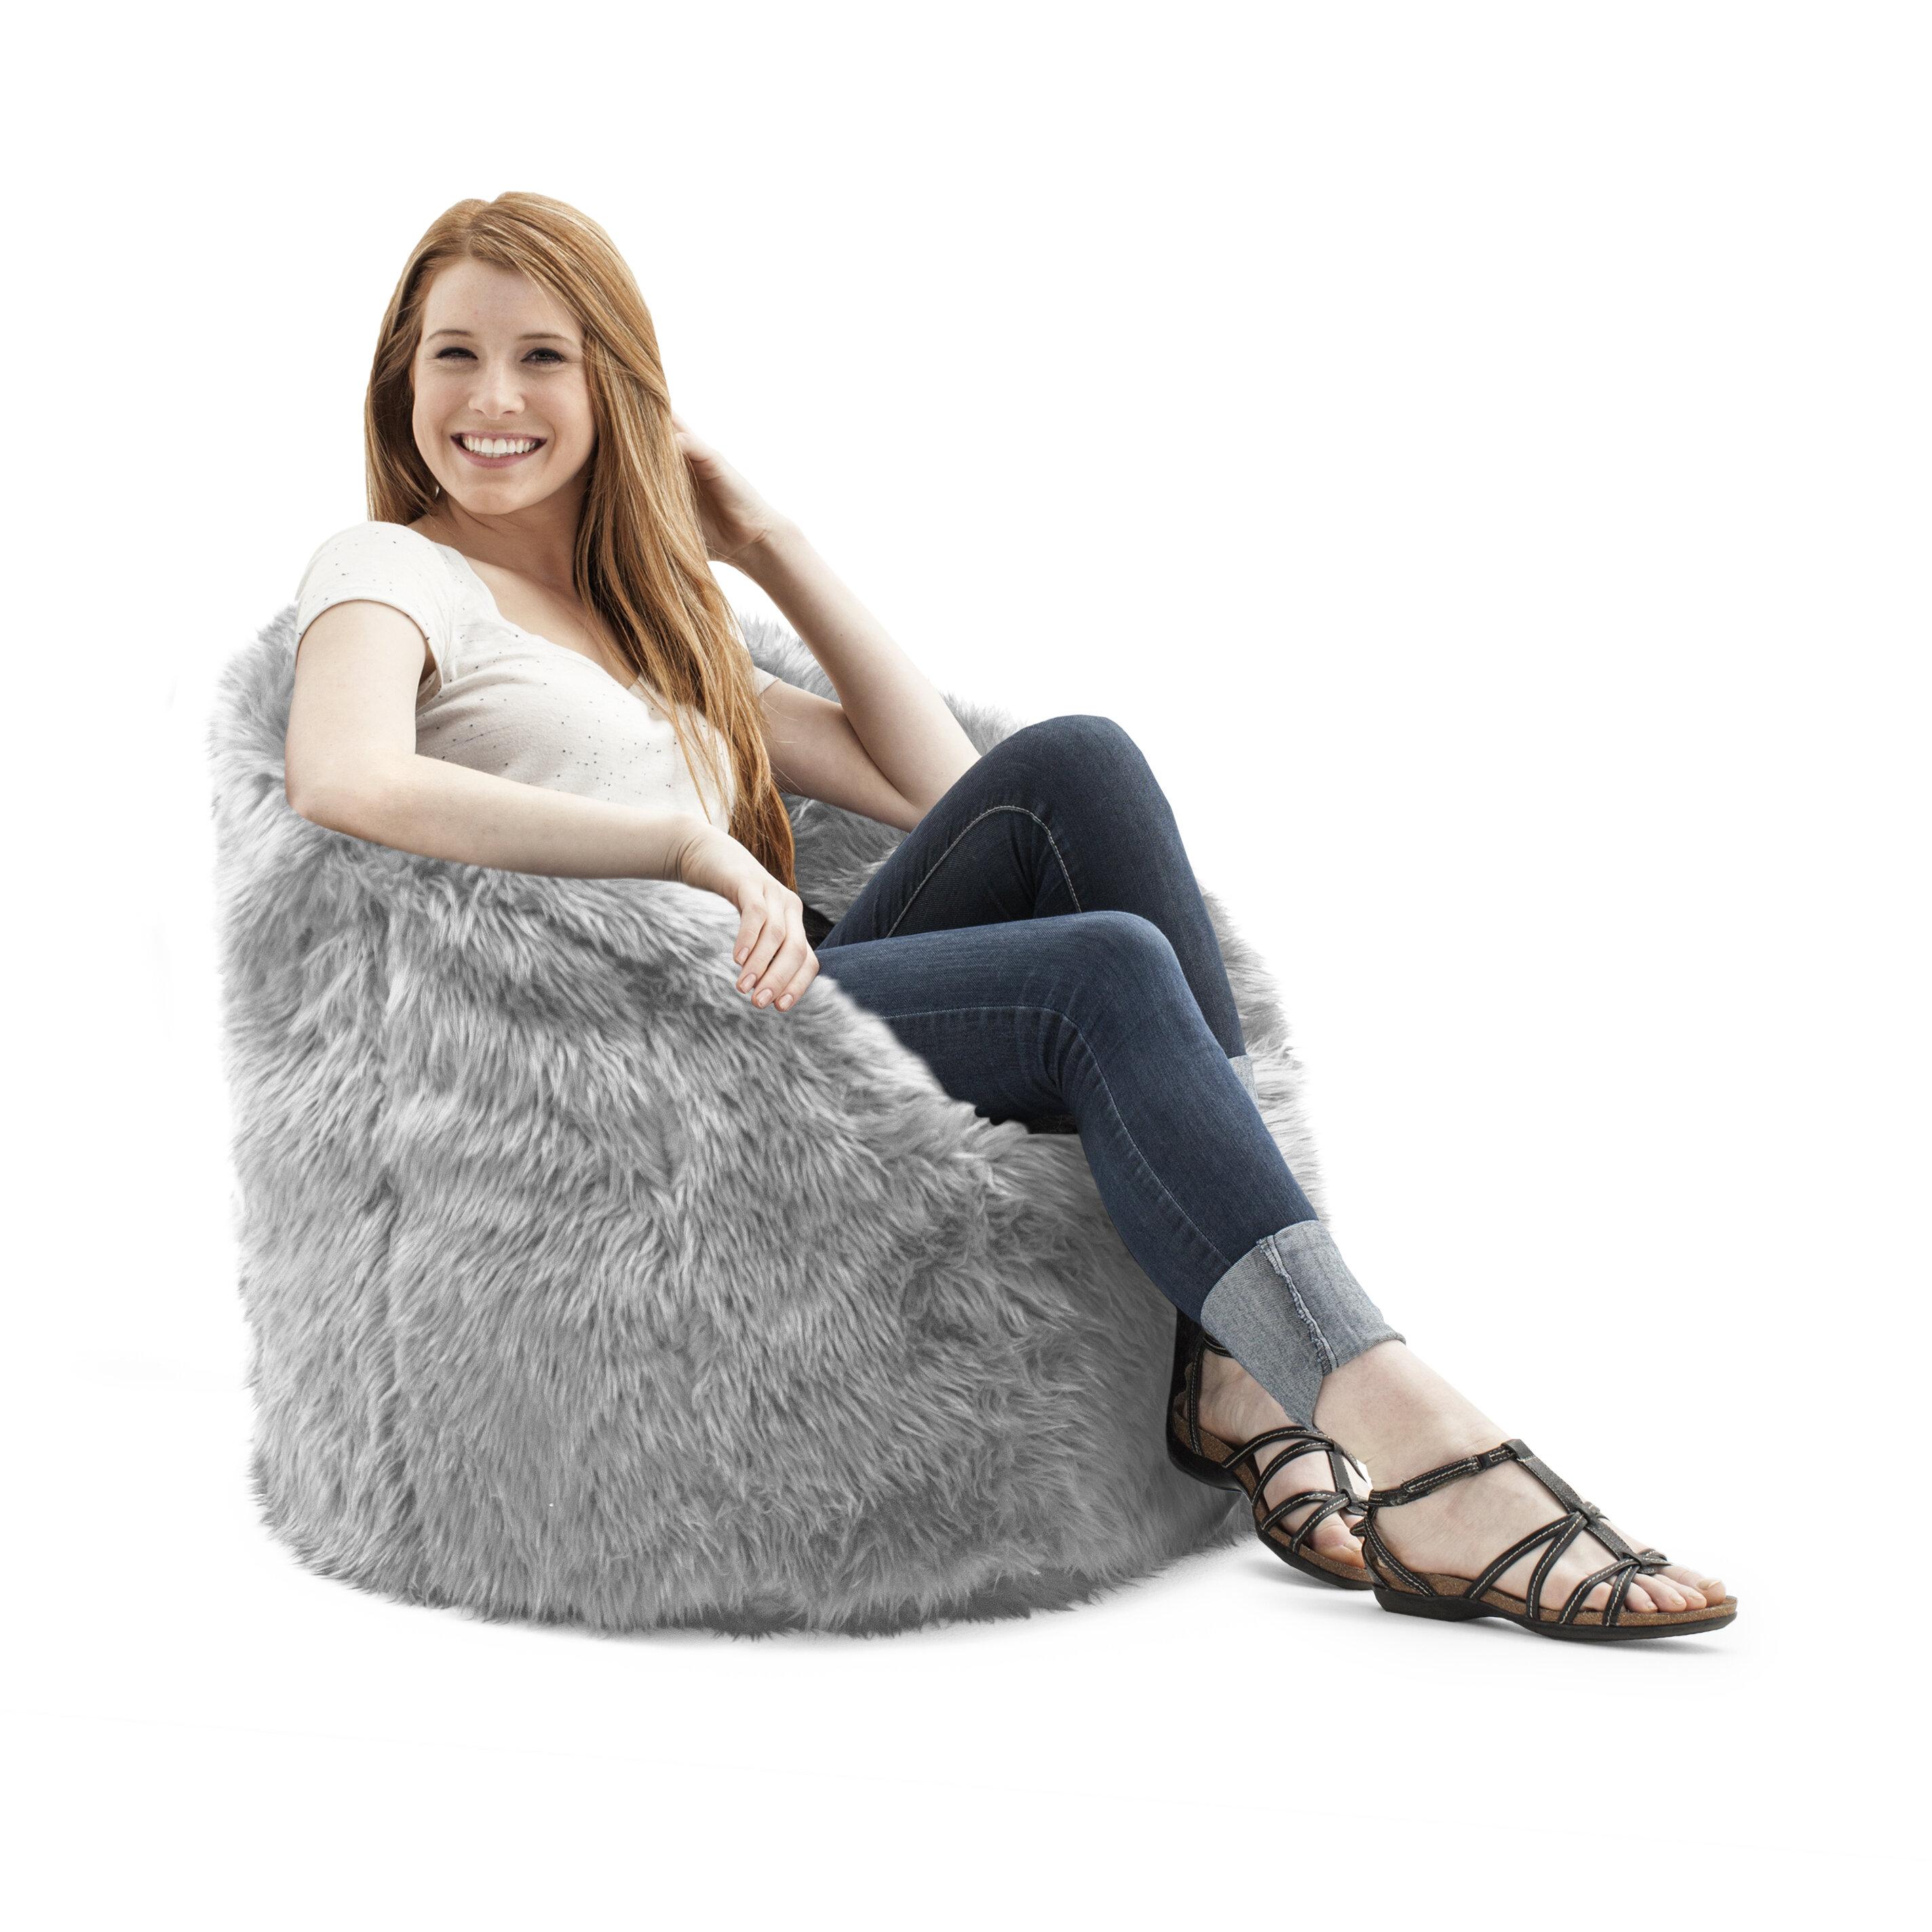 Awe Inspiring Big Joe Milano Medium Bean Bag Chair Pabps2019 Chair Design Images Pabps2019Com